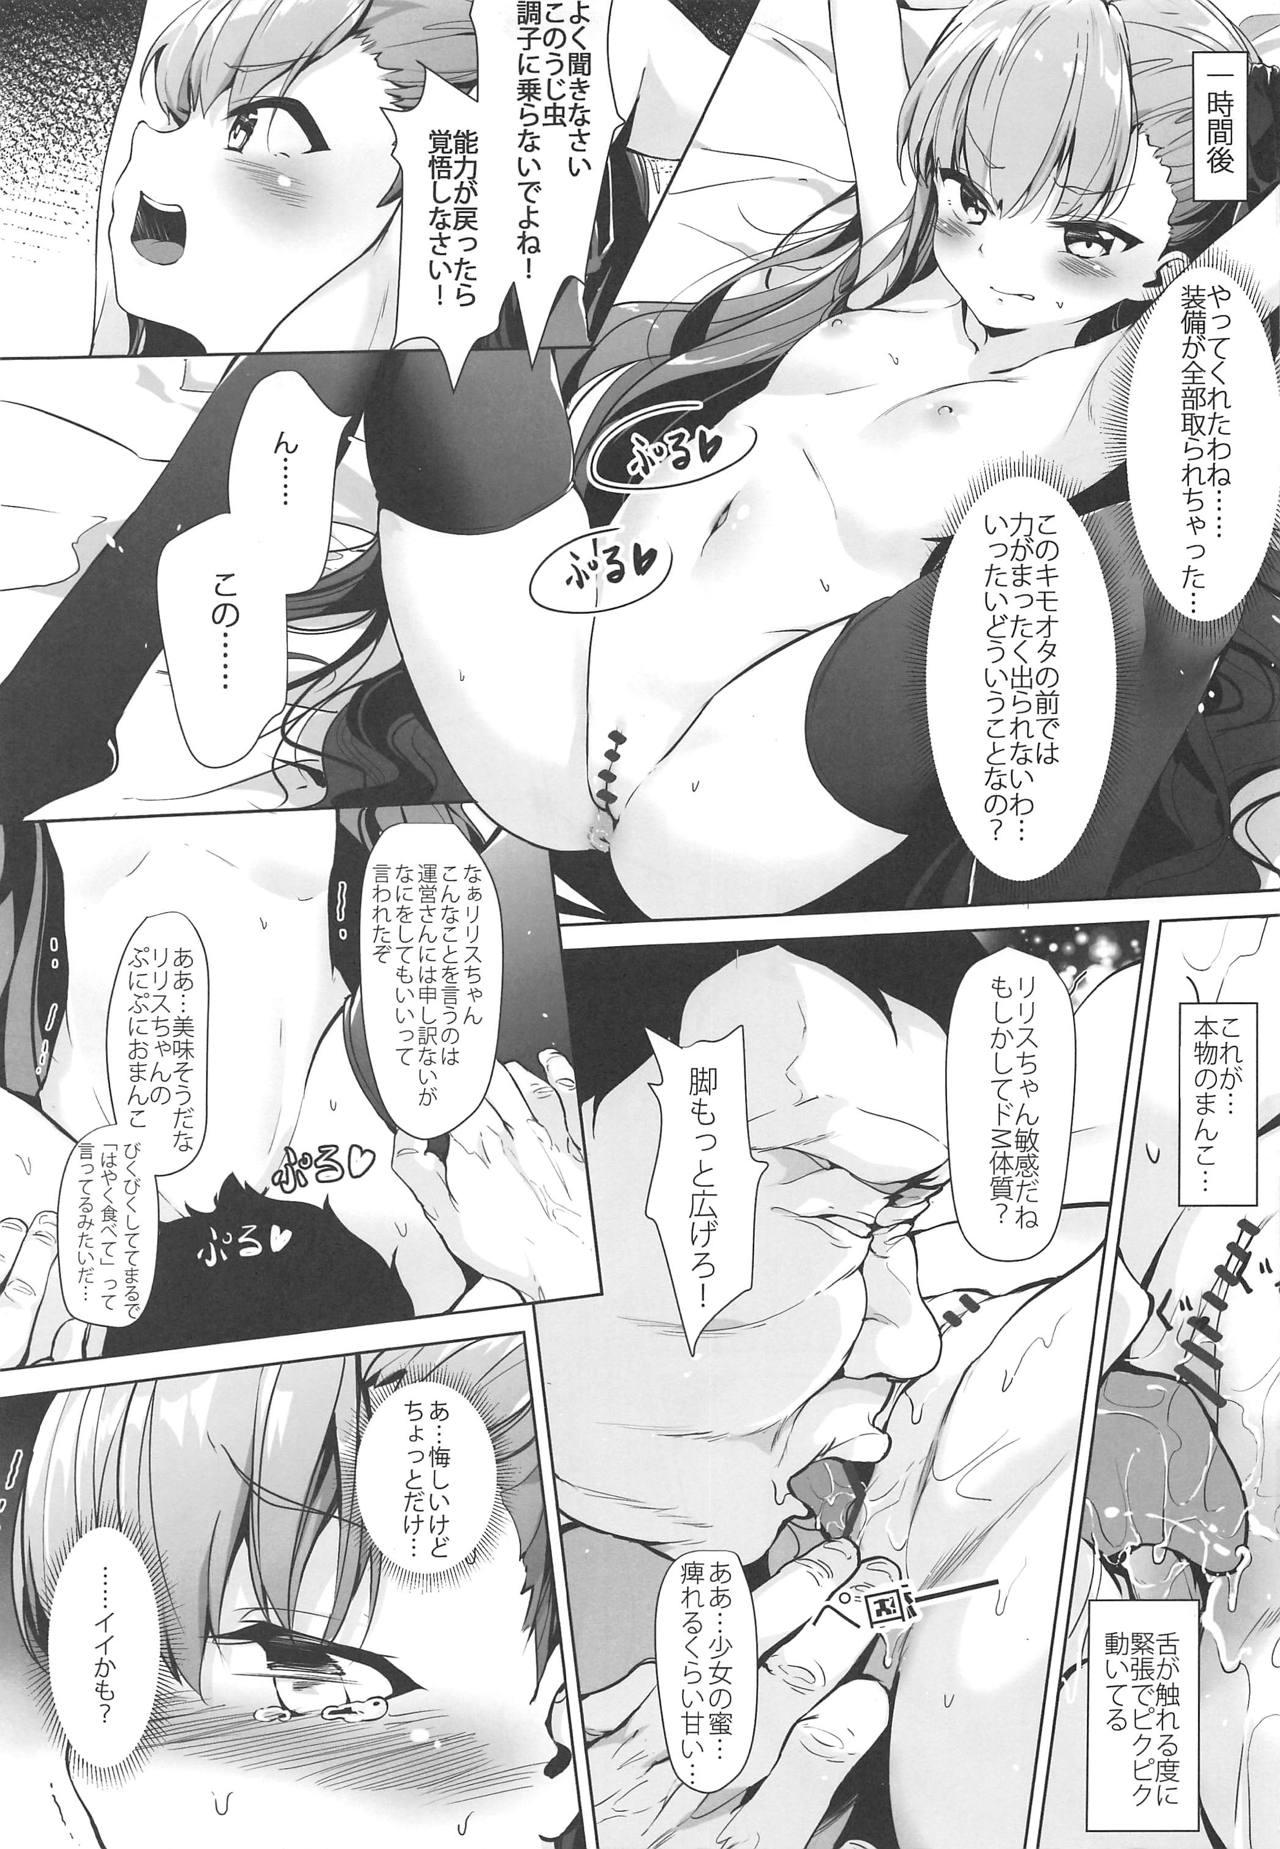 【エロ同人誌】(COMIC1☆15)現実世界に召喚され能力が使えず調教されるメルトリリス…セックスの事しか考えられなくなった彼女と友人を交えて二穴同時の3p中出しセックス【鬼針草:メルトリリスの被虐記録】